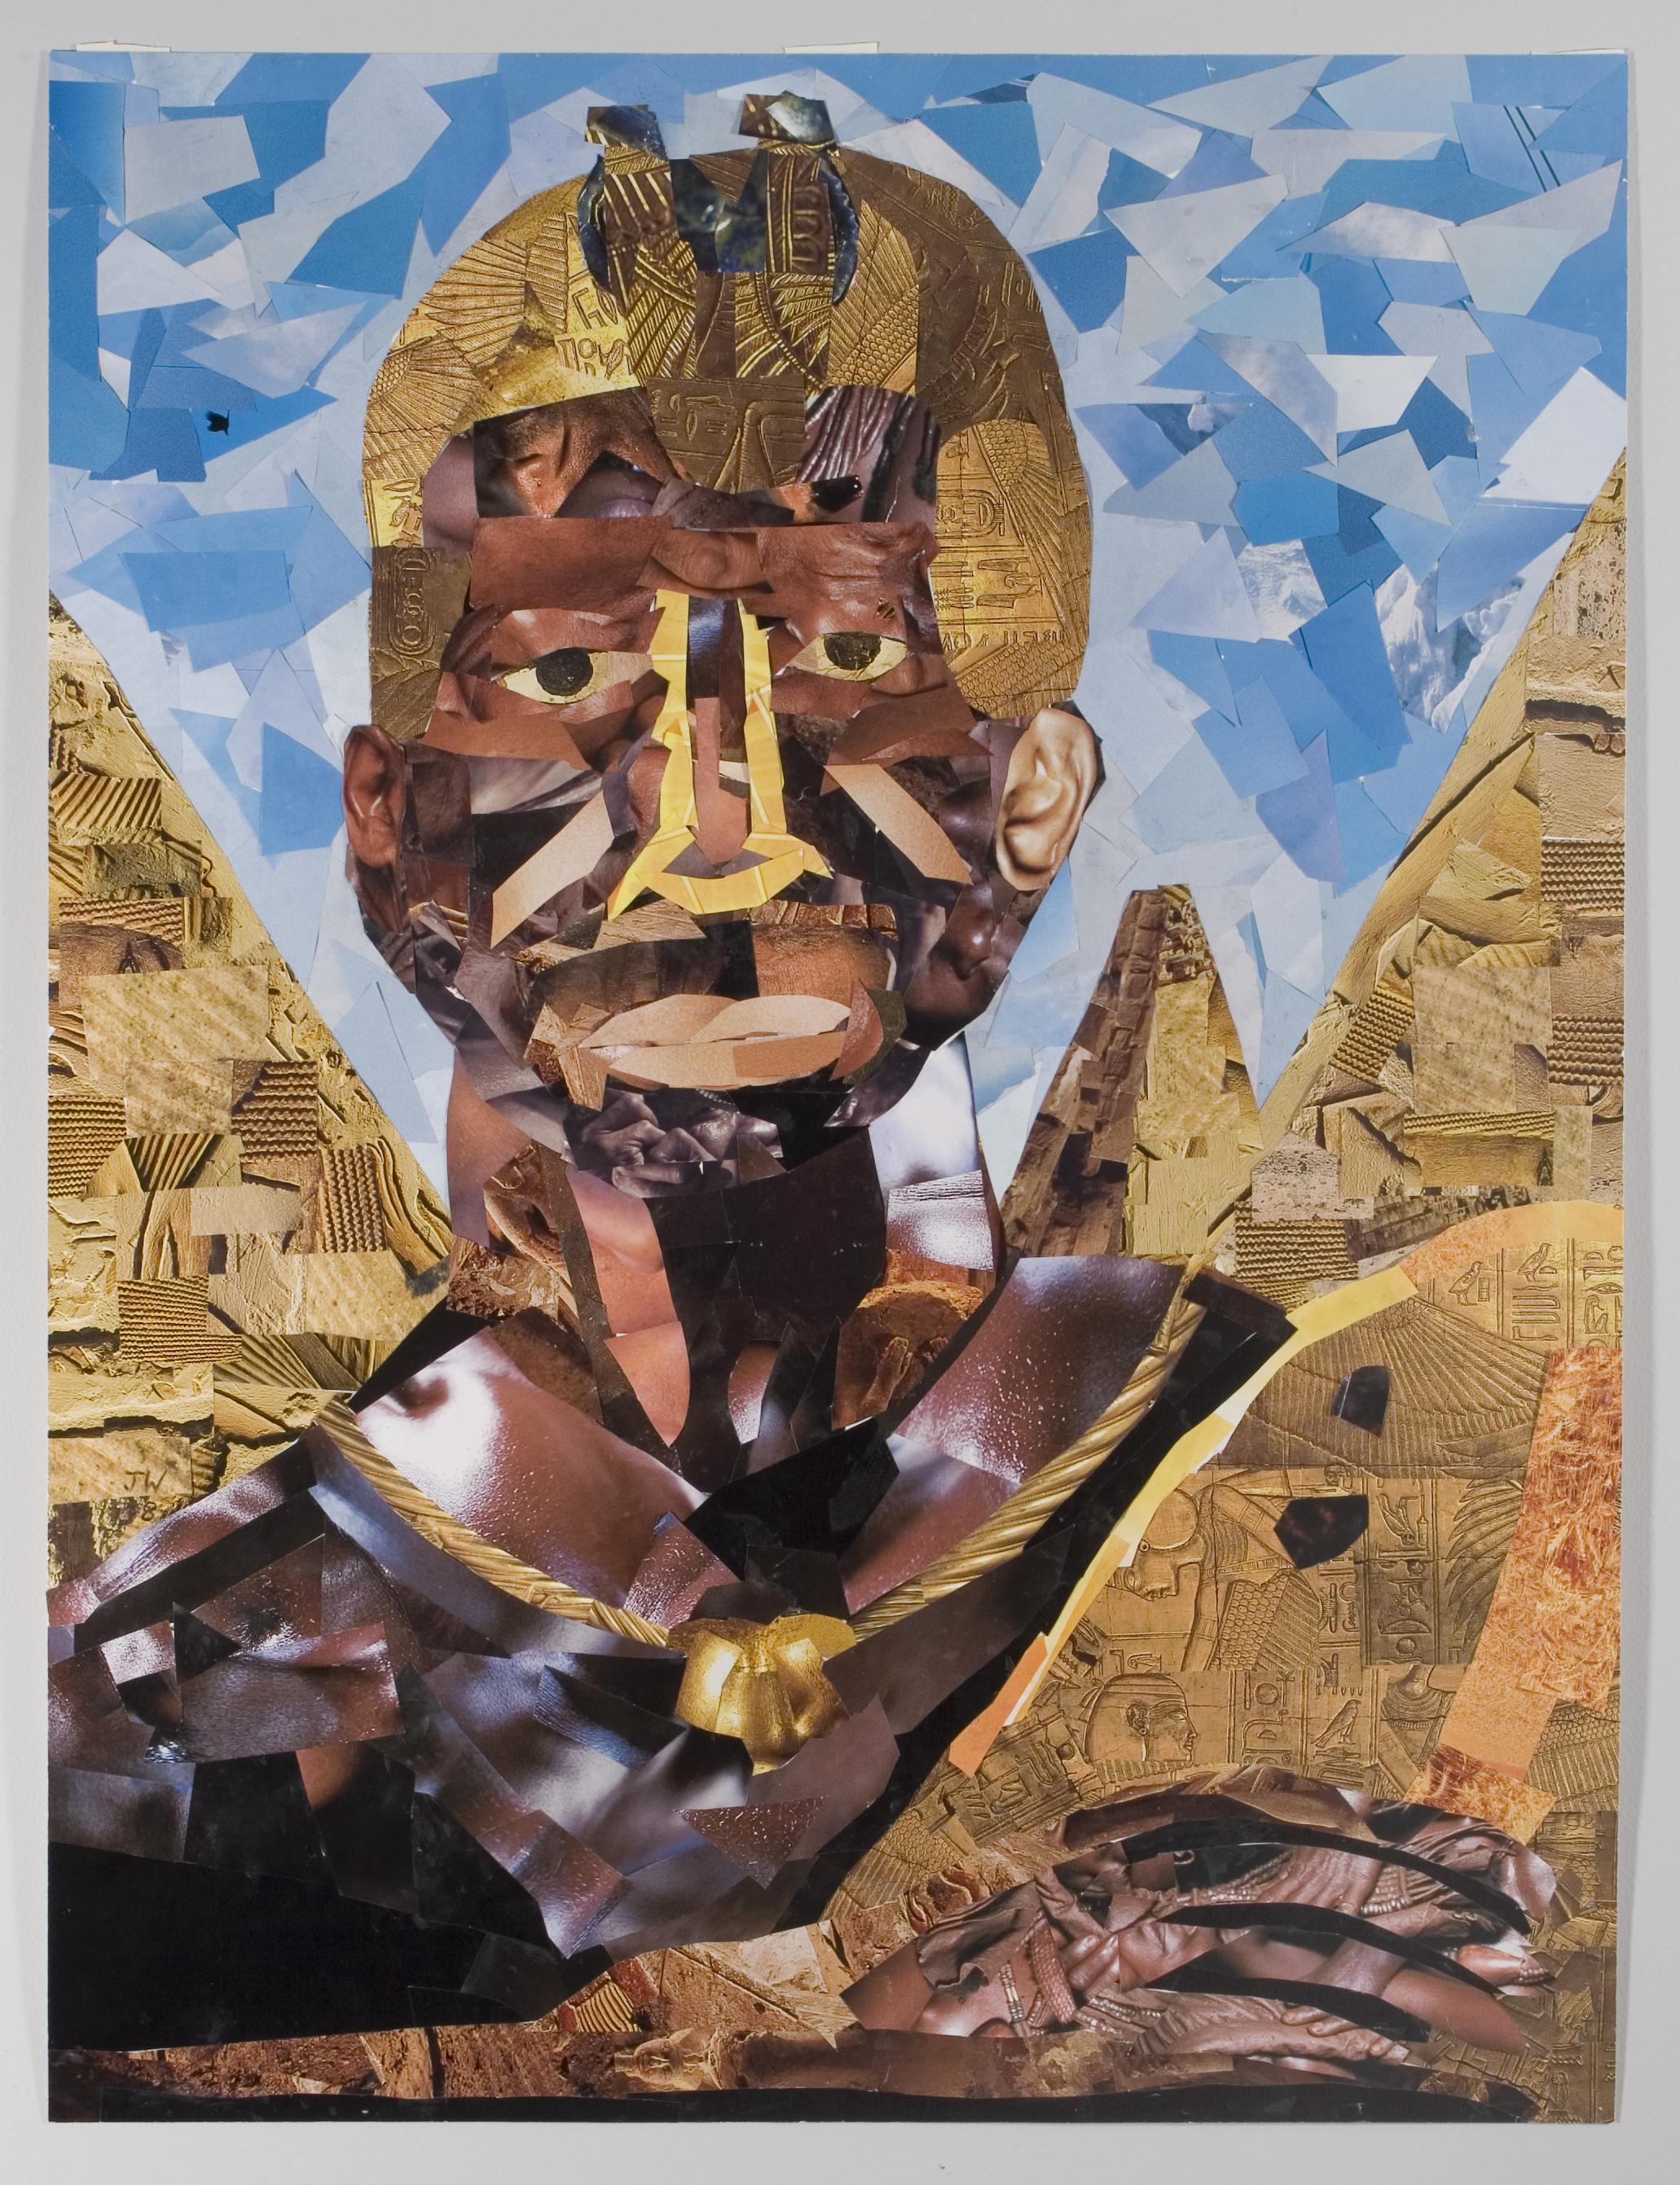 Nubian Pharaoh